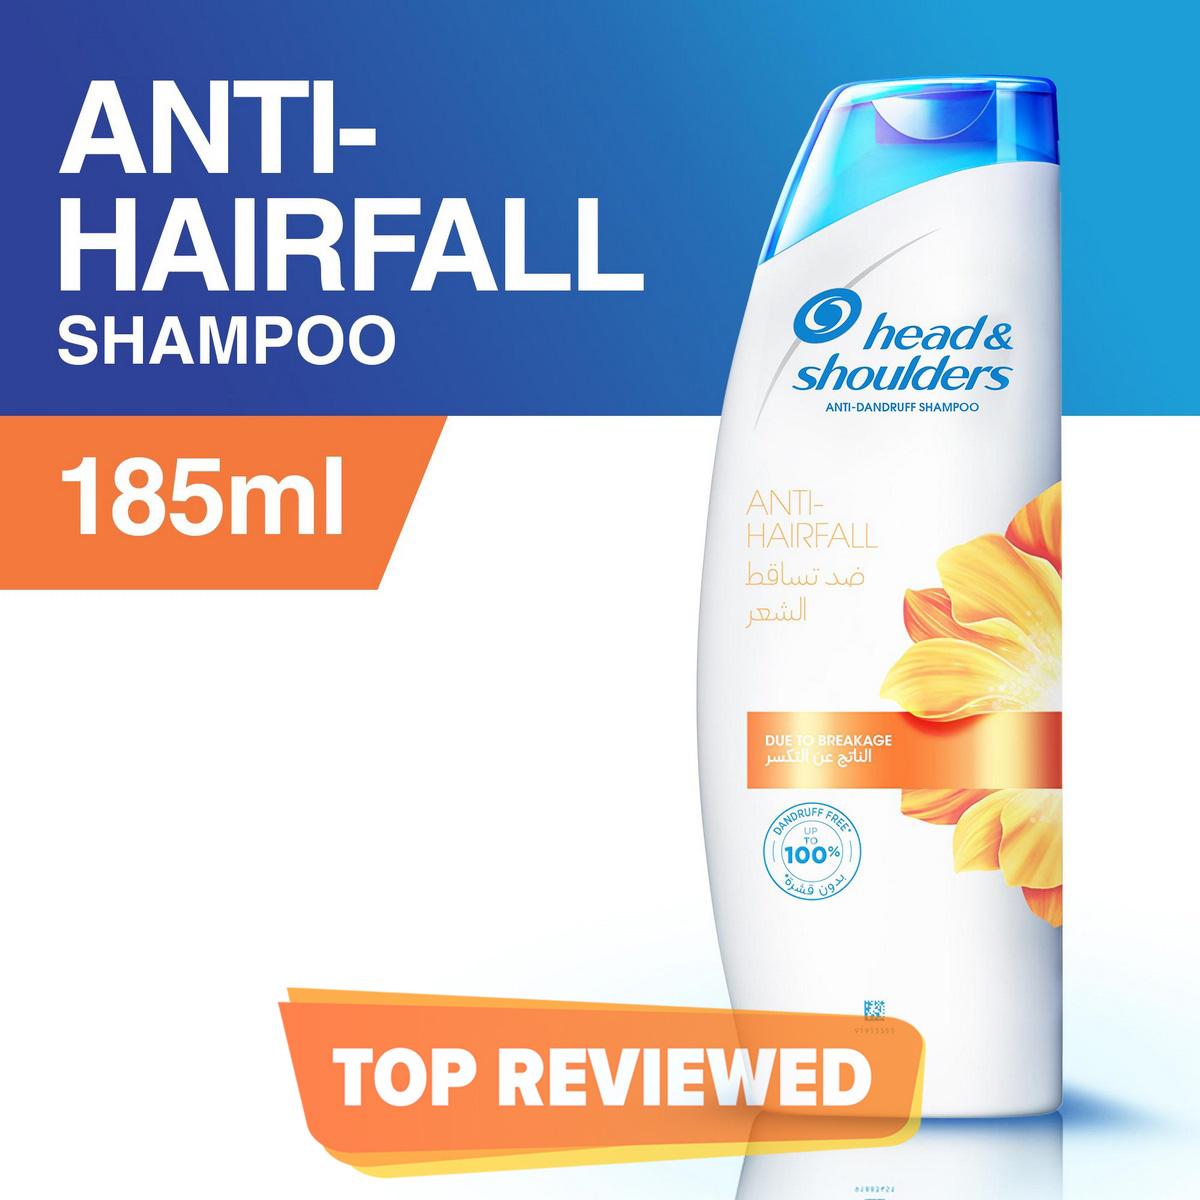 Head & Shoulders Anti Hair Fall Shampoo, 185 ml